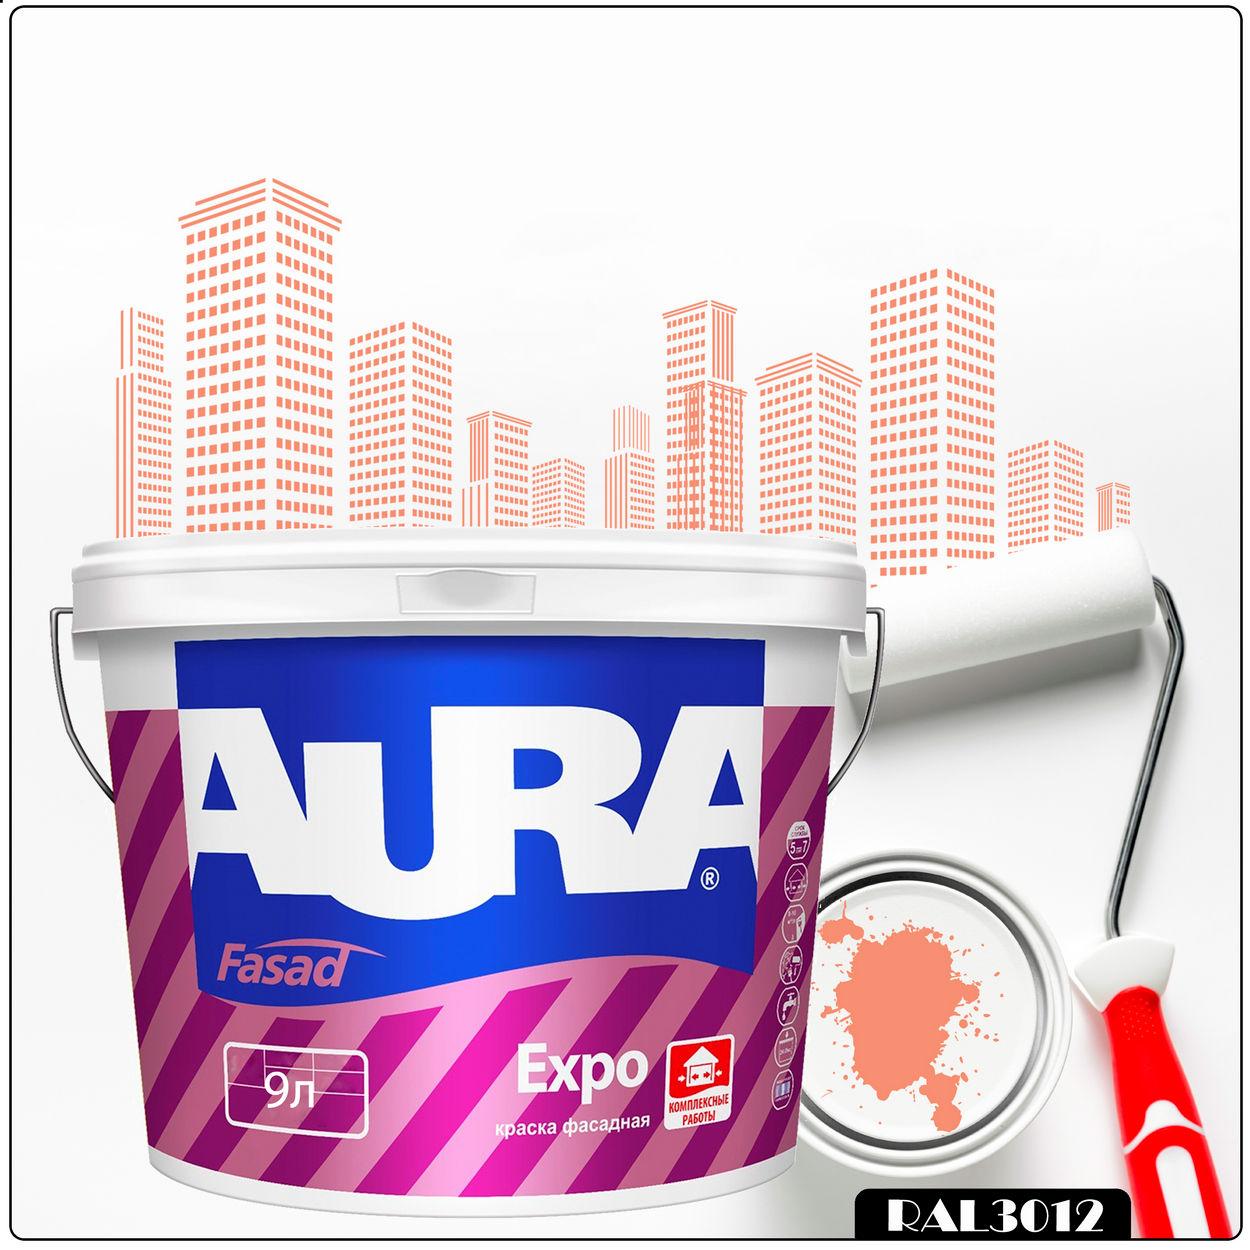 Фото 10 - Краска Aura Fasad Expo, RAL 3012 Бежево-красный, матовая, для фасадов и помещений с повышенной влажностью, 9л.